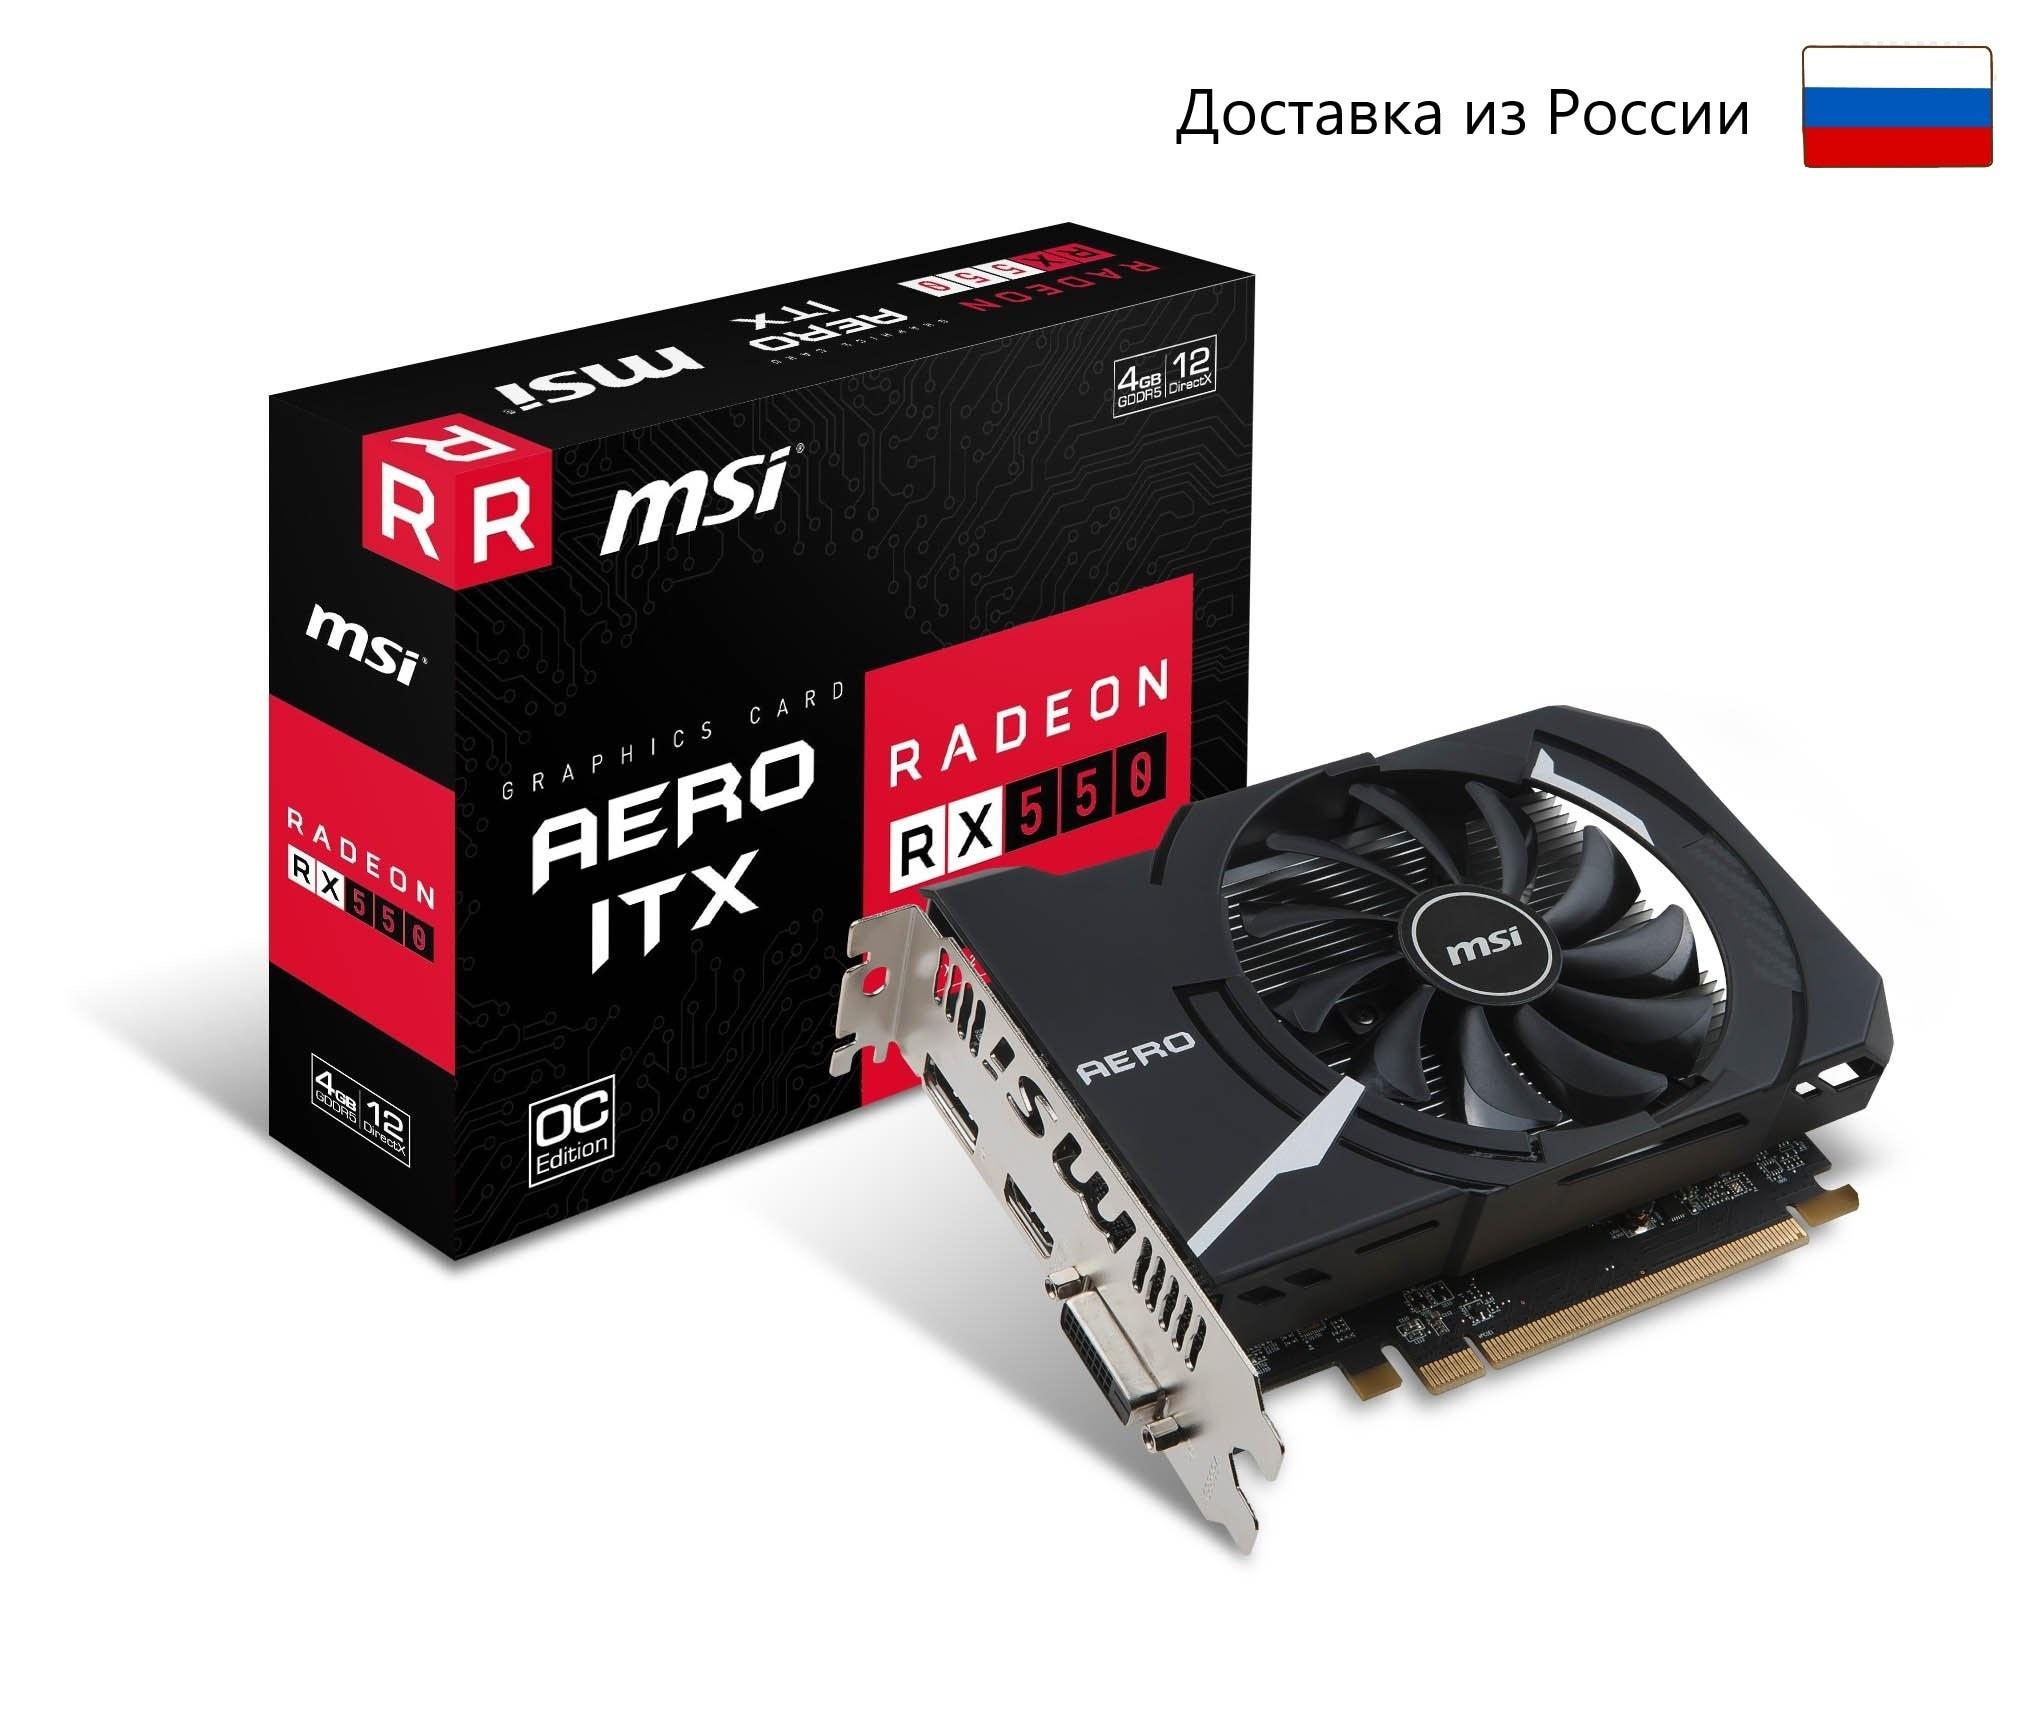 וידאו כרטיס MSI Radeon RX 550 2 GB AERO ITX OC מהדורה